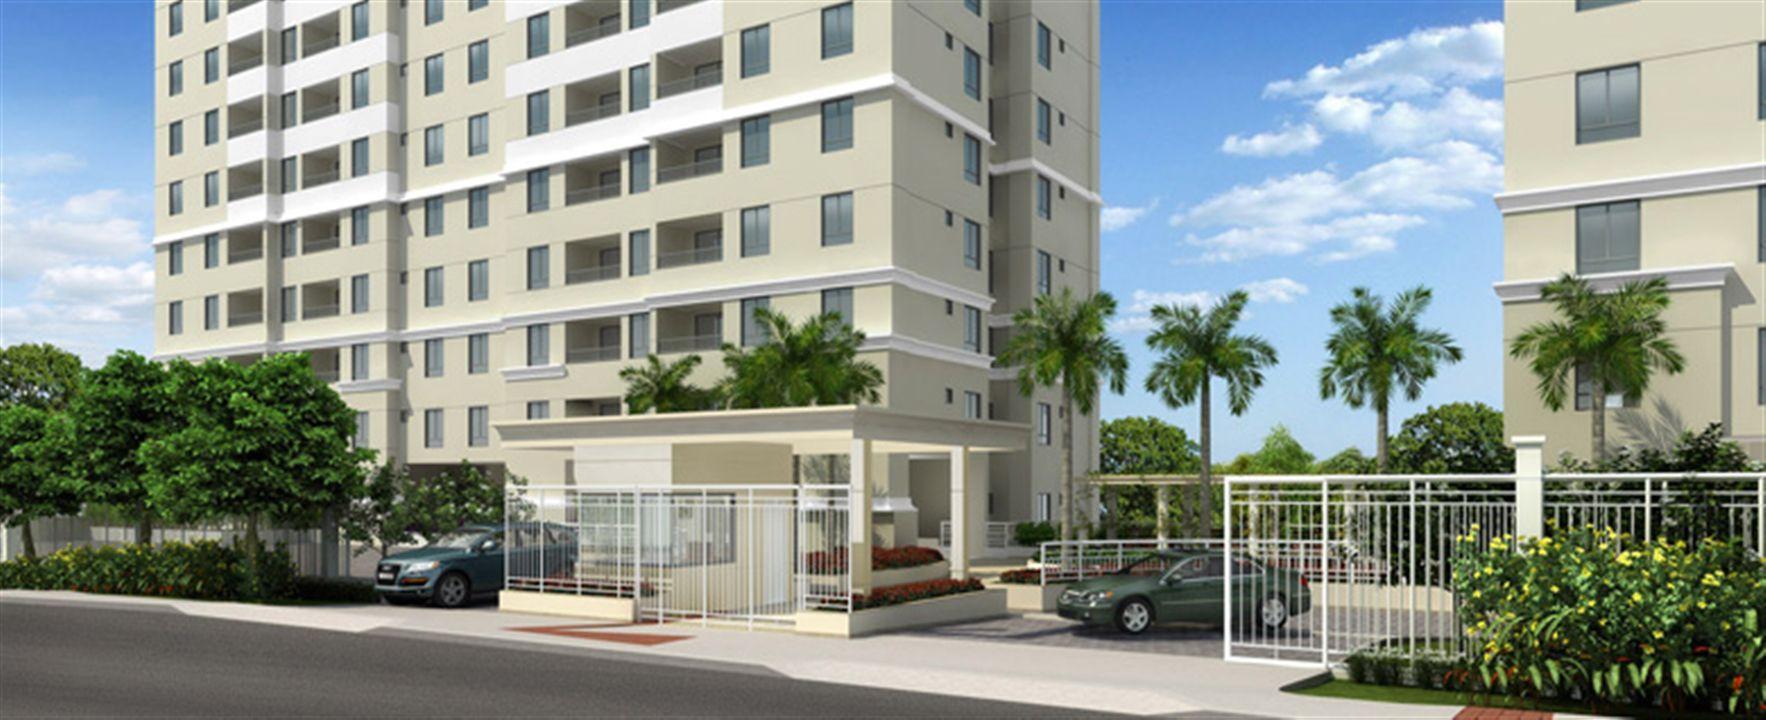 Portaria   Morada Alto do Imbuí – Apartamentono  Alto do Imbuí - Salvador - Bahia